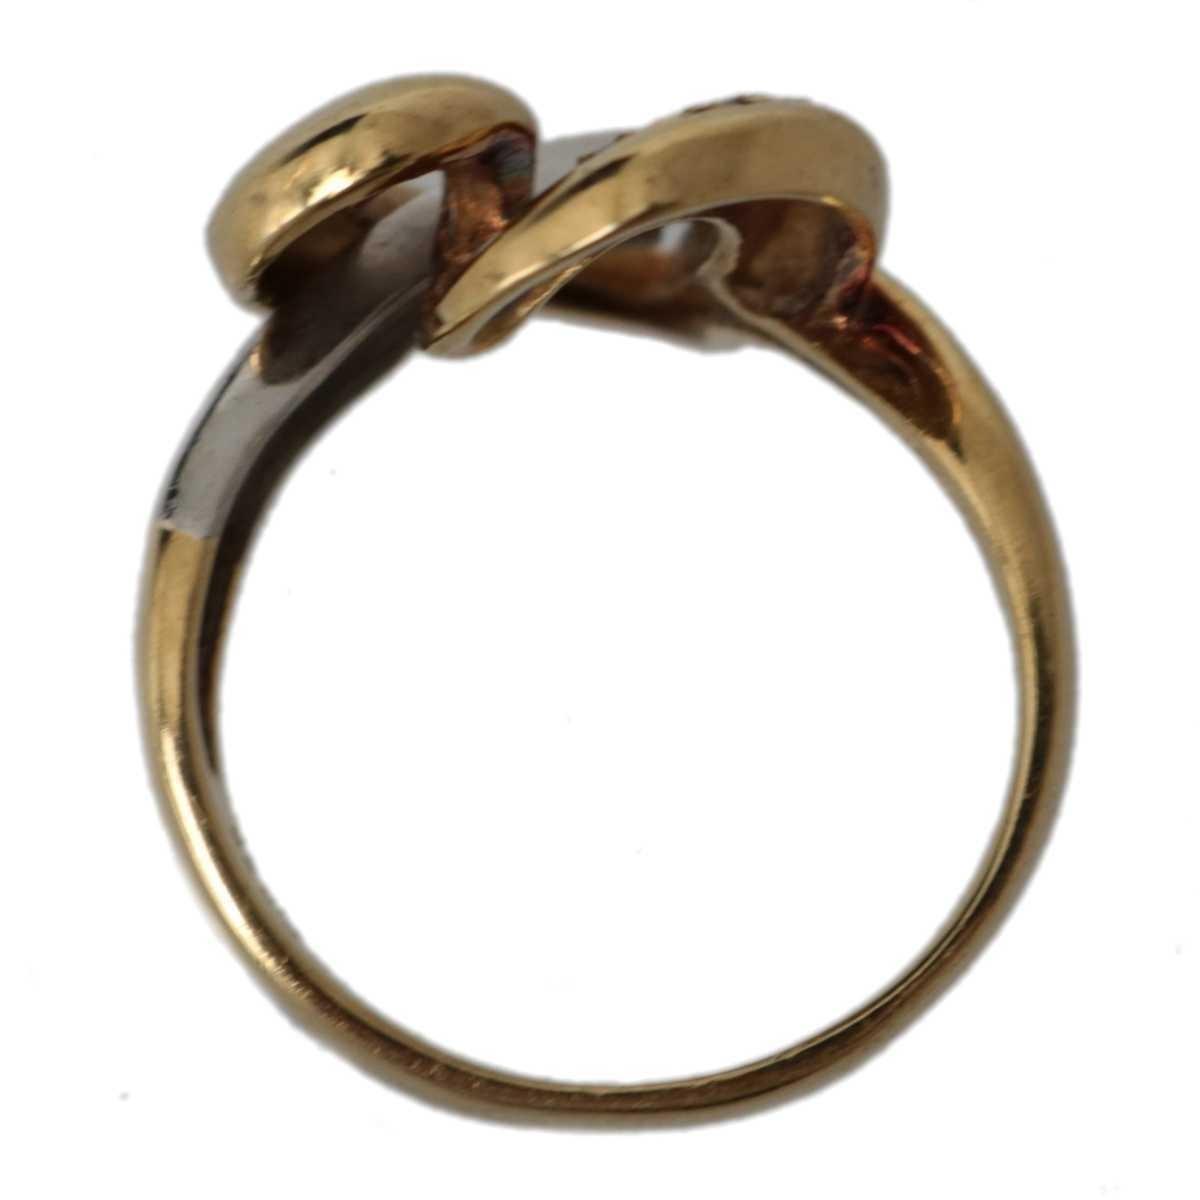 金プラチナコンビ ハートデザインリング 指輪 K18YG×Pt900×ダイヤモンド 0.015ct 13号 重量約6.5g NT_画像6